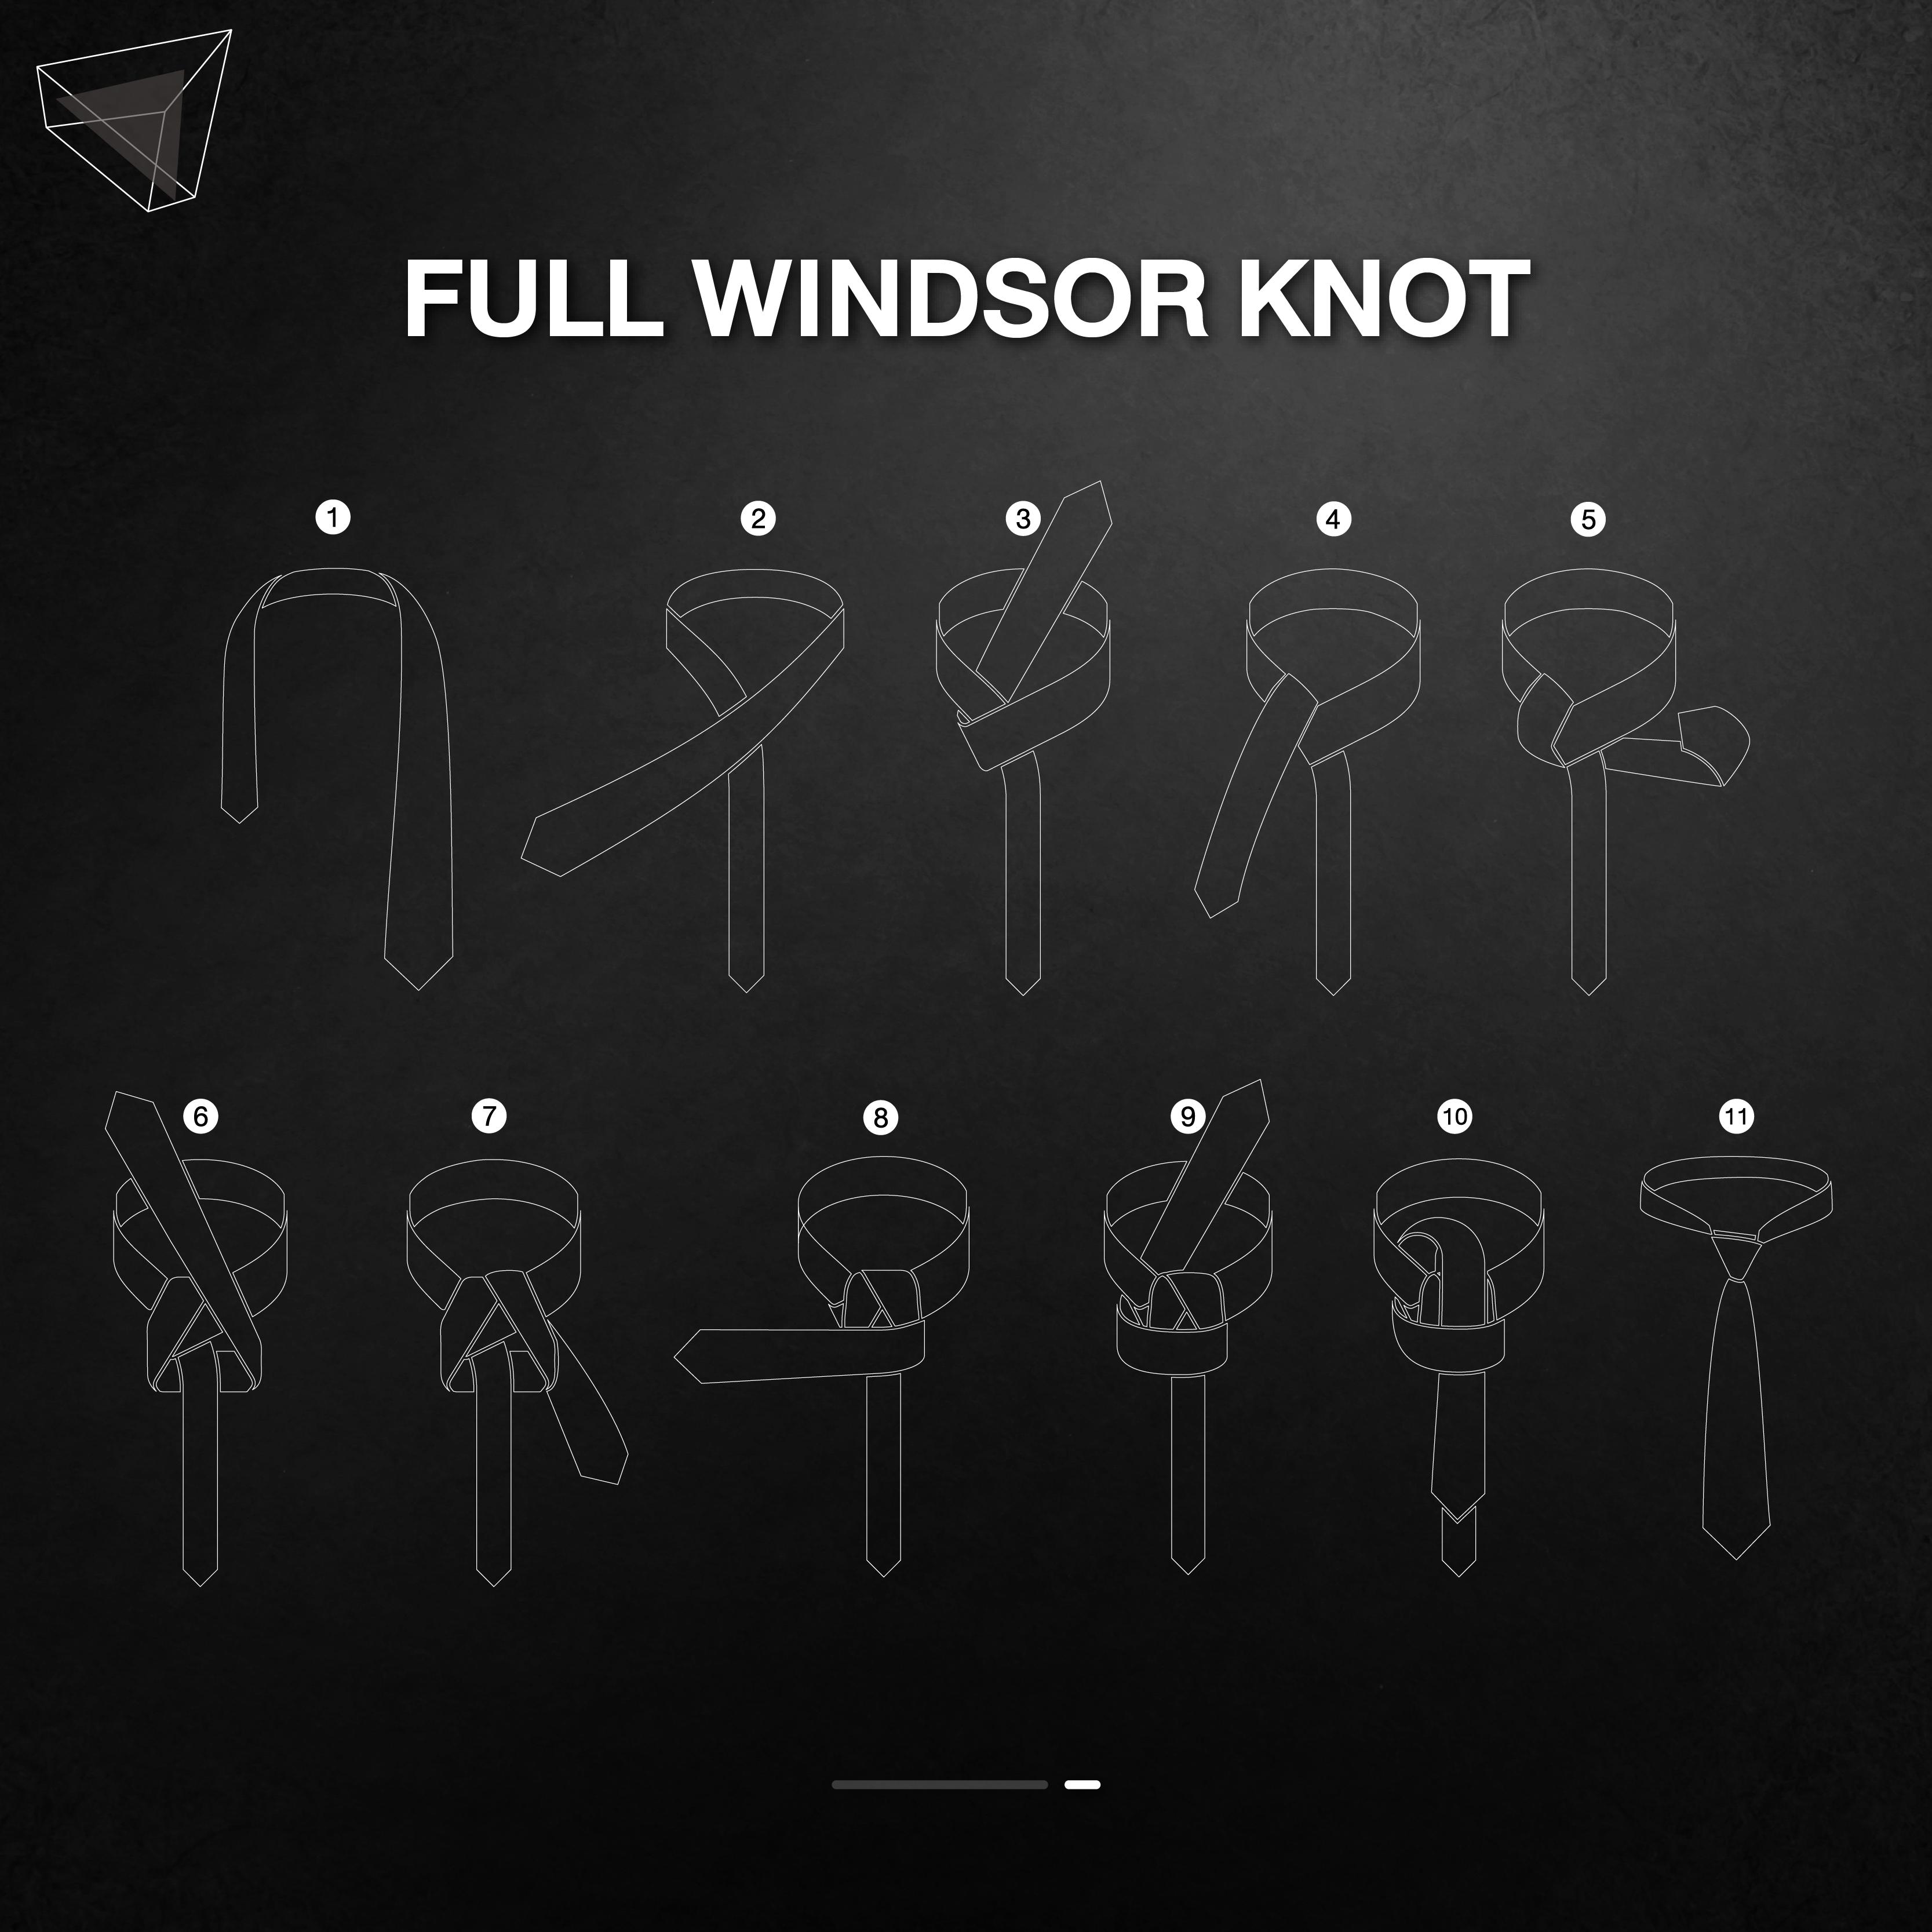 วิธีผูกเนคไทแบบ Full Windsor Knot